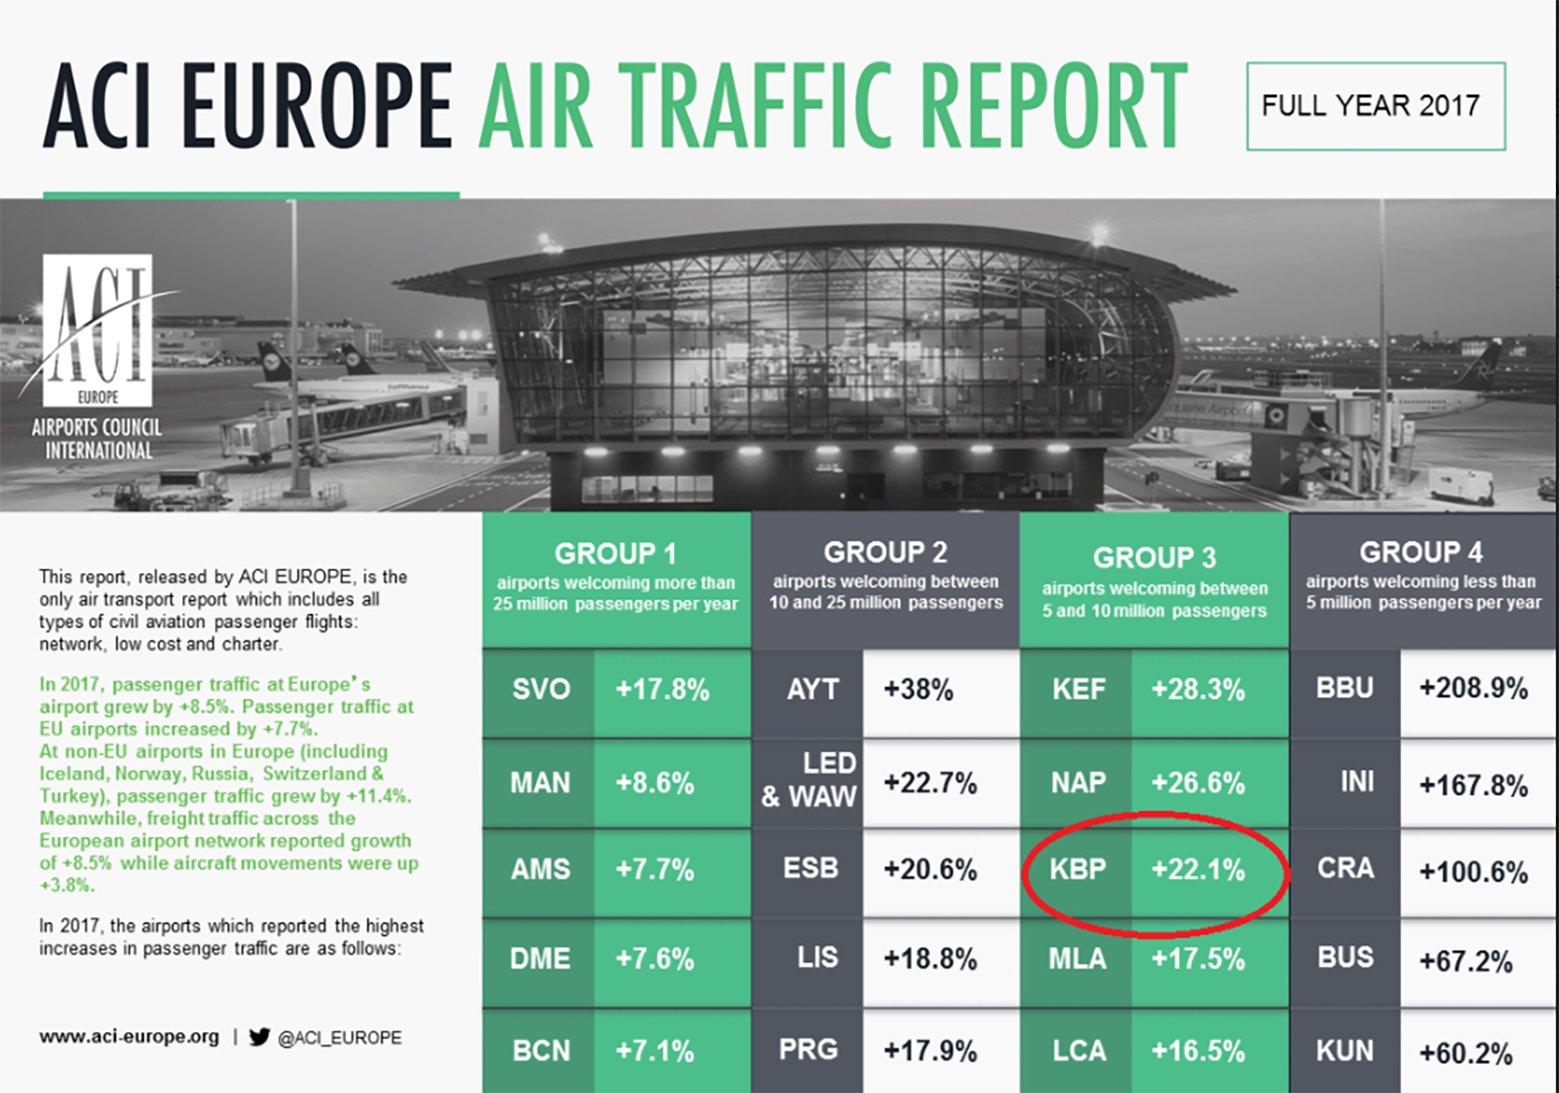 какое место занимает аэропорт